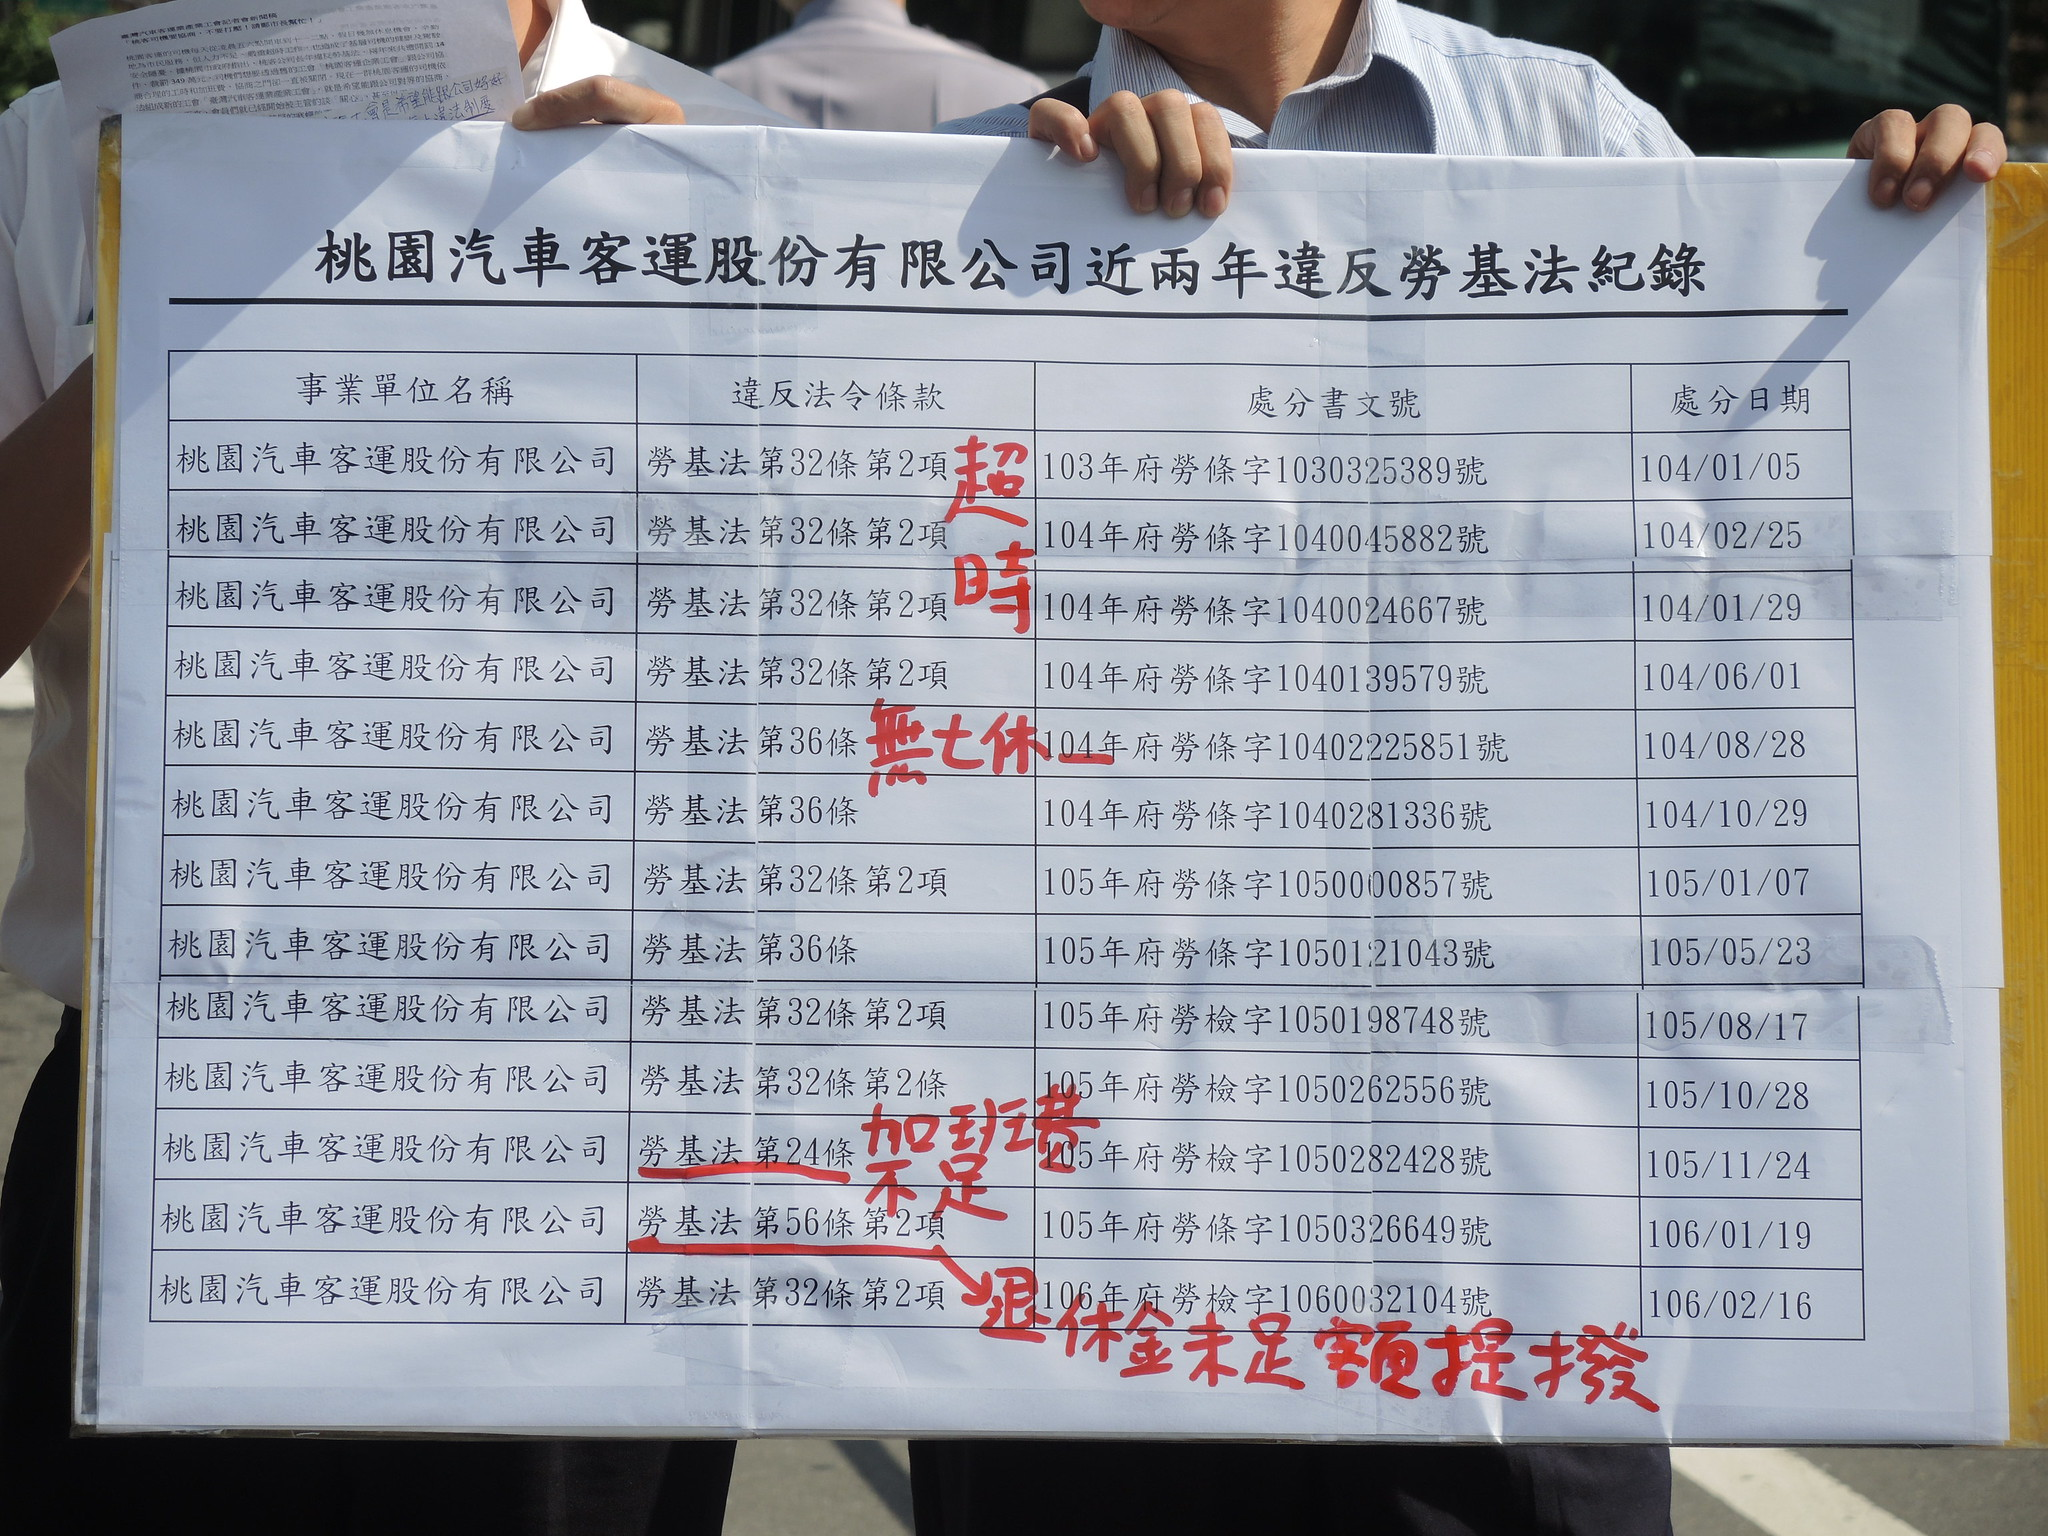 桃園客運近兩年違反《勞基法》遭裁罰紀錄。(攝影:曾福全)